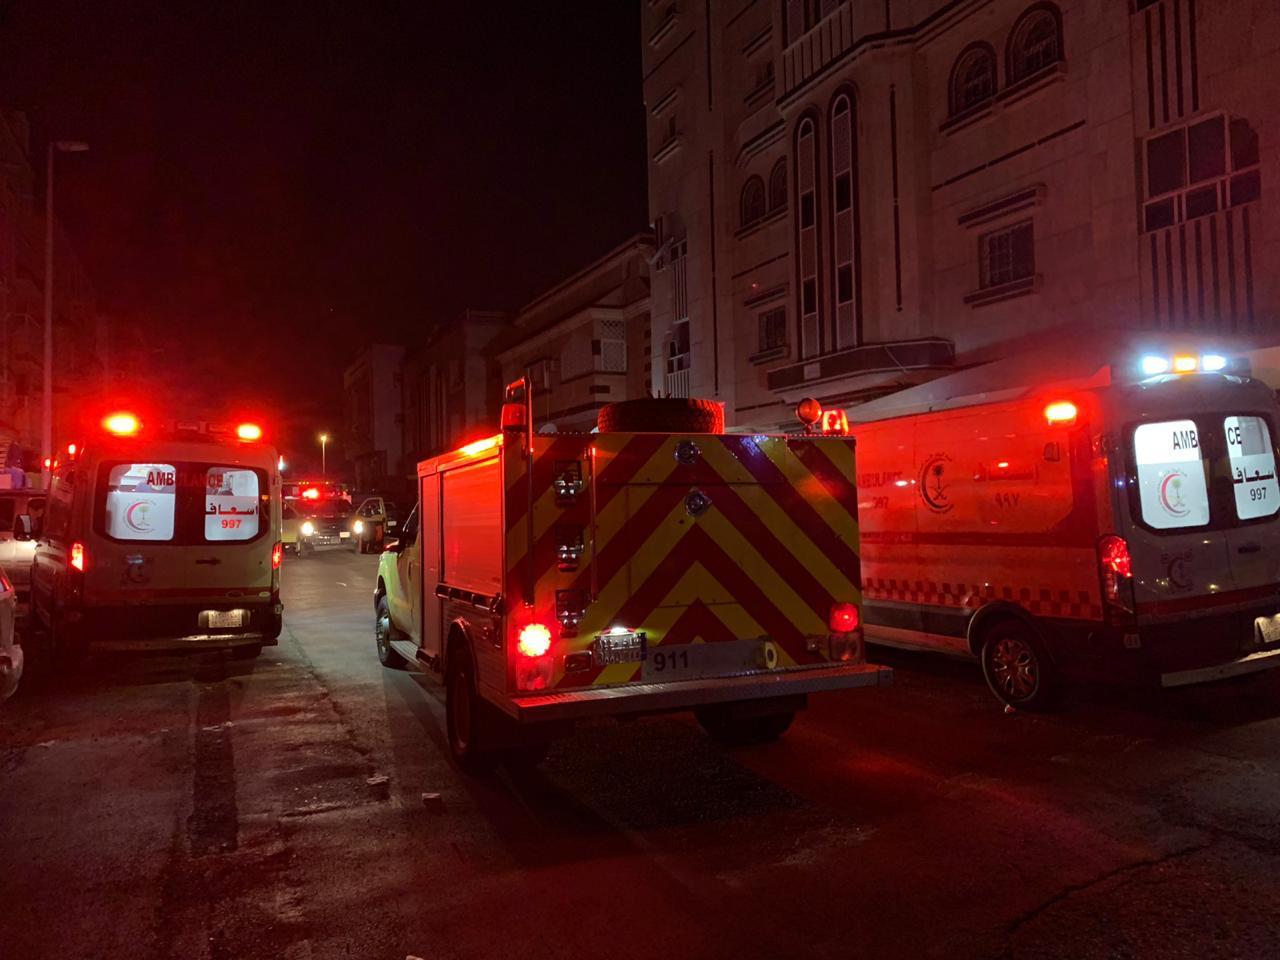 19 حالة اختناق في حريق شقة سكنية بجدة